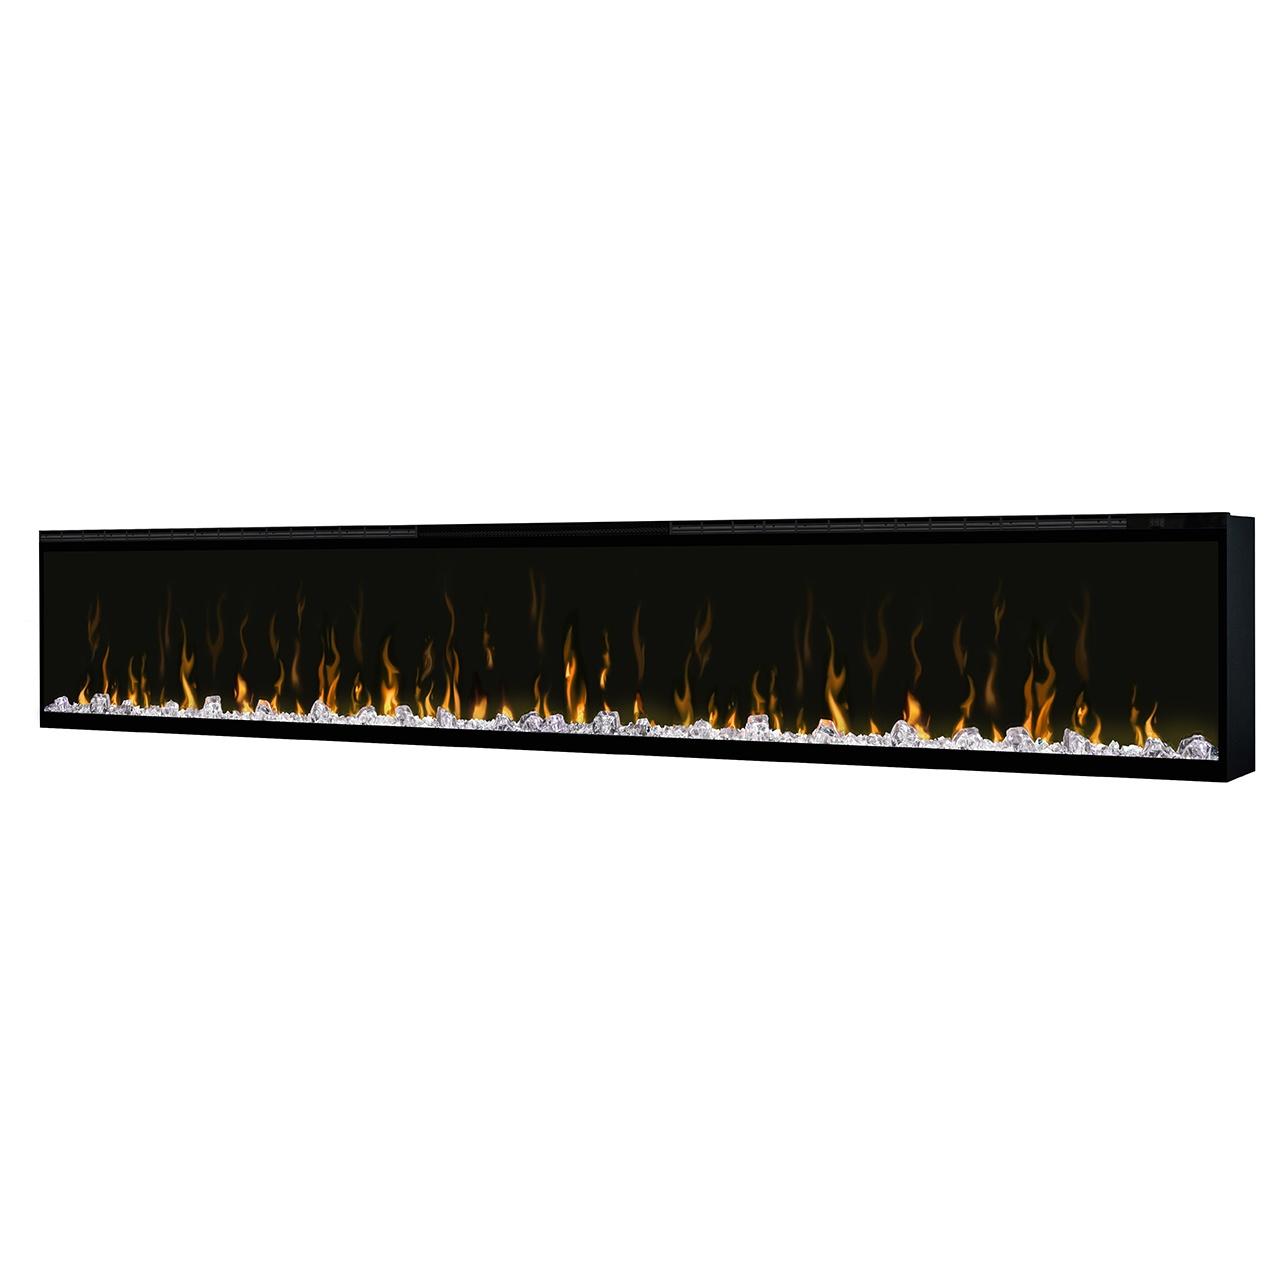 Dimplex XLF100 Ignite Electric Fireplace